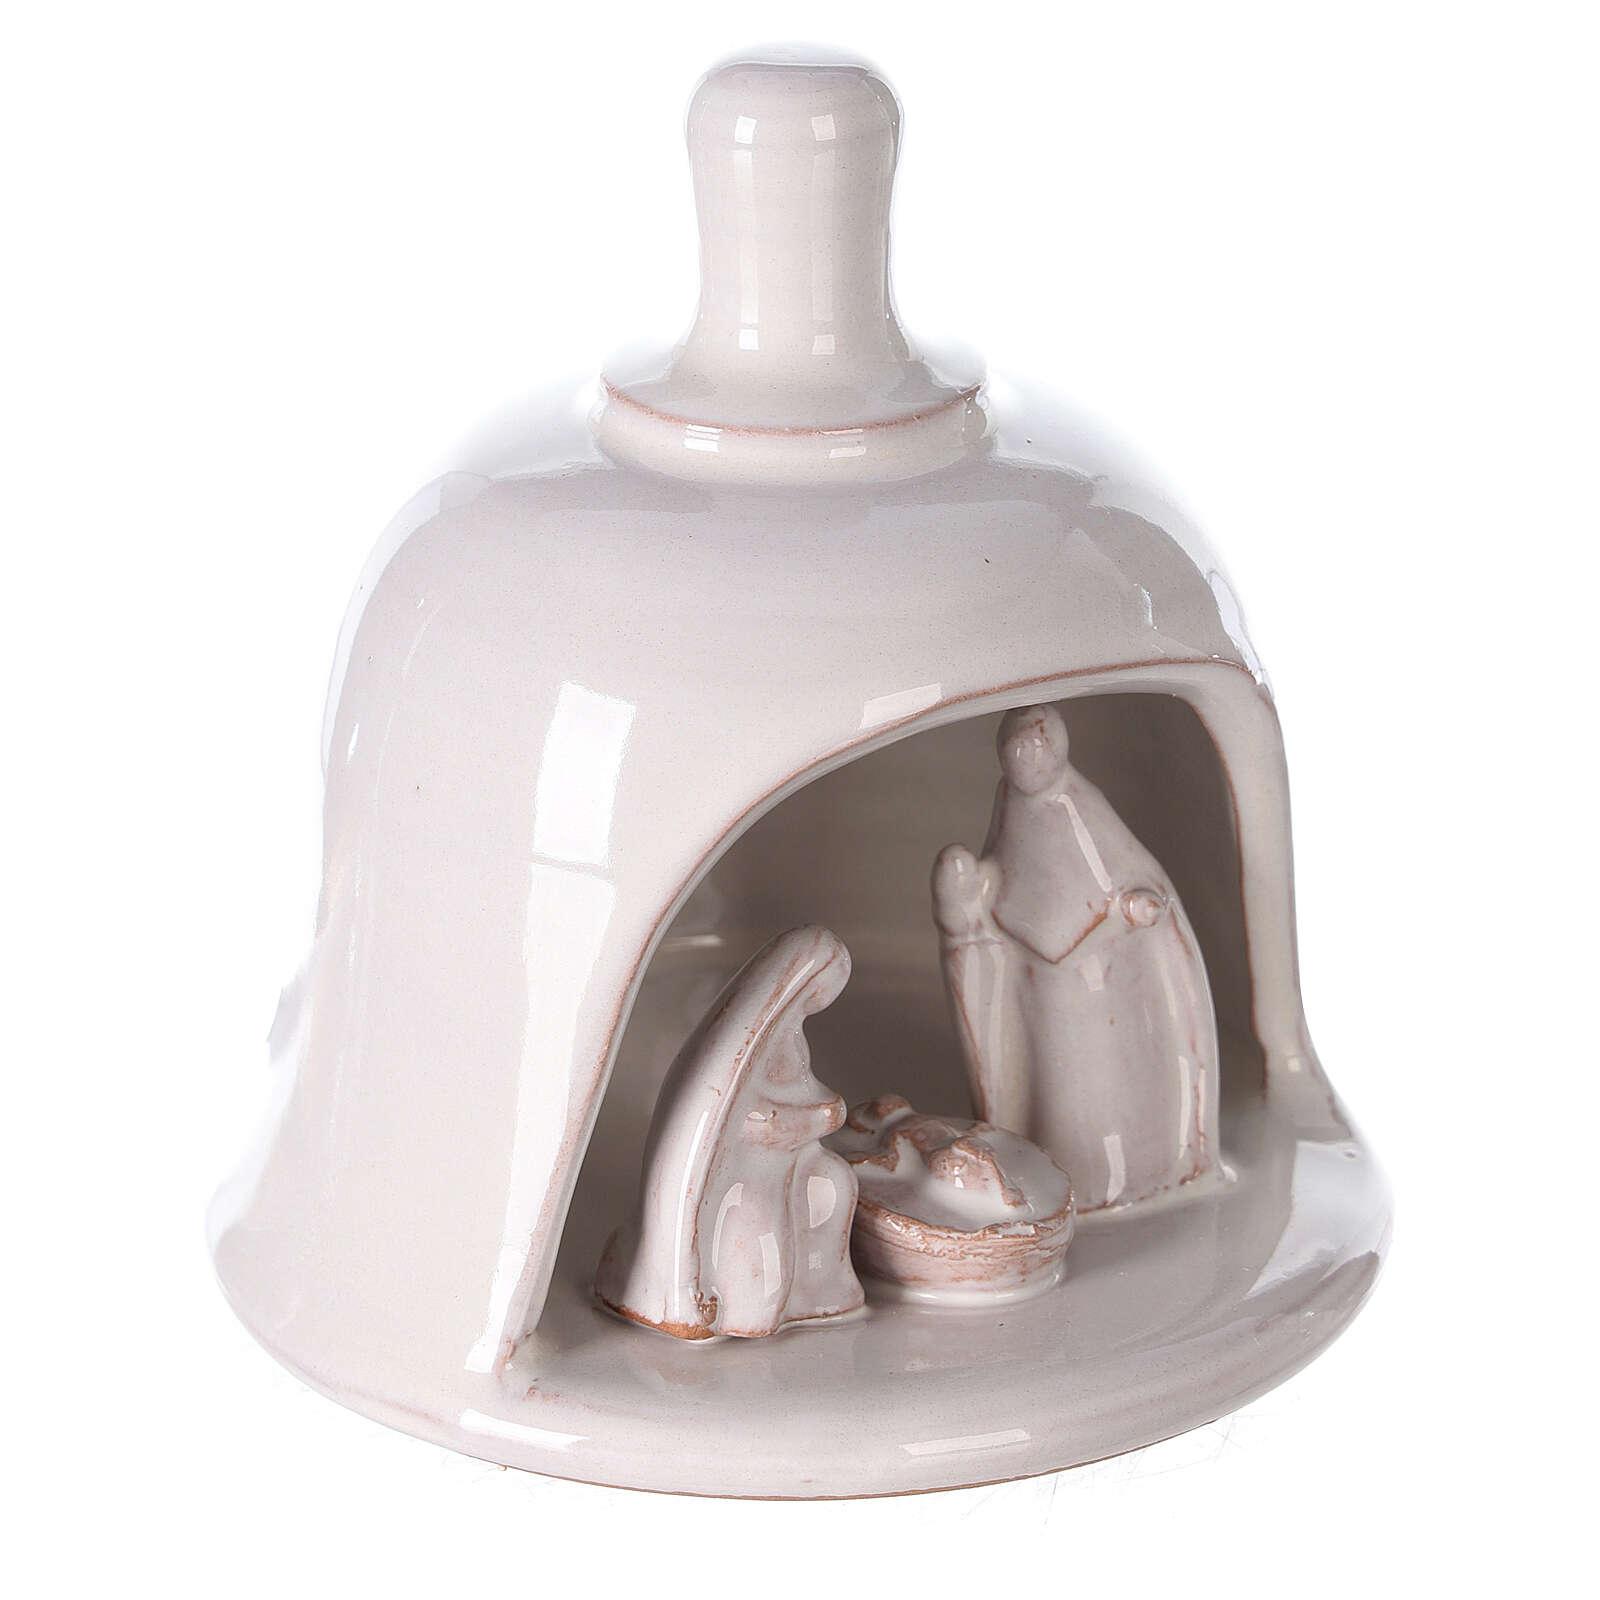 White Nativity scene inside bell in Deruta terracotta 10 cm 4